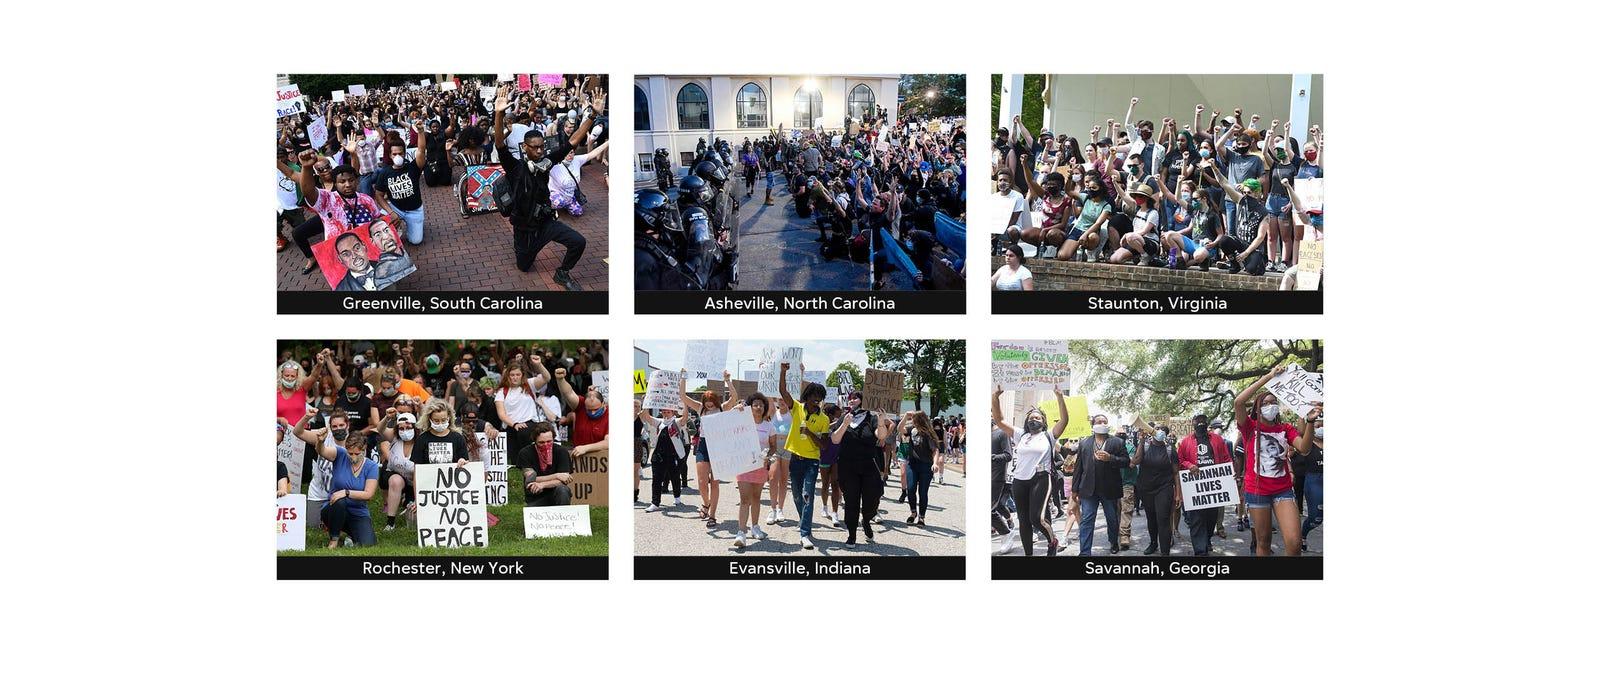 https://www.gannett-cdn.com/indepth-static-assets/uploads/master/3152501001/f7e21fd6-409c-41ba-a2e7-89df0c5a107e-protests-topper-v3.jpg